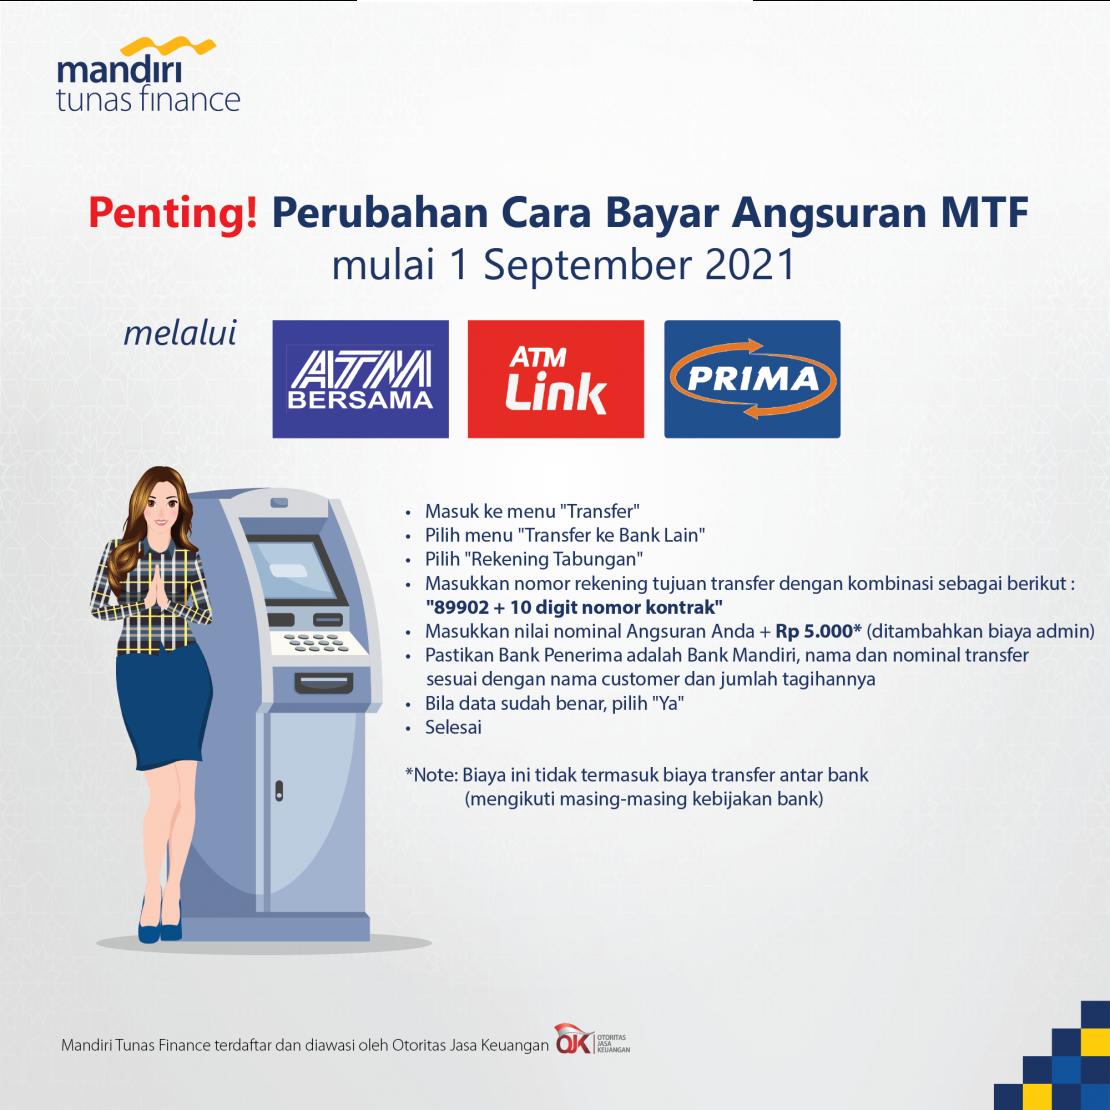 Tata Cara Pembayaran Angsuran MTF Melalui ATM Bersama